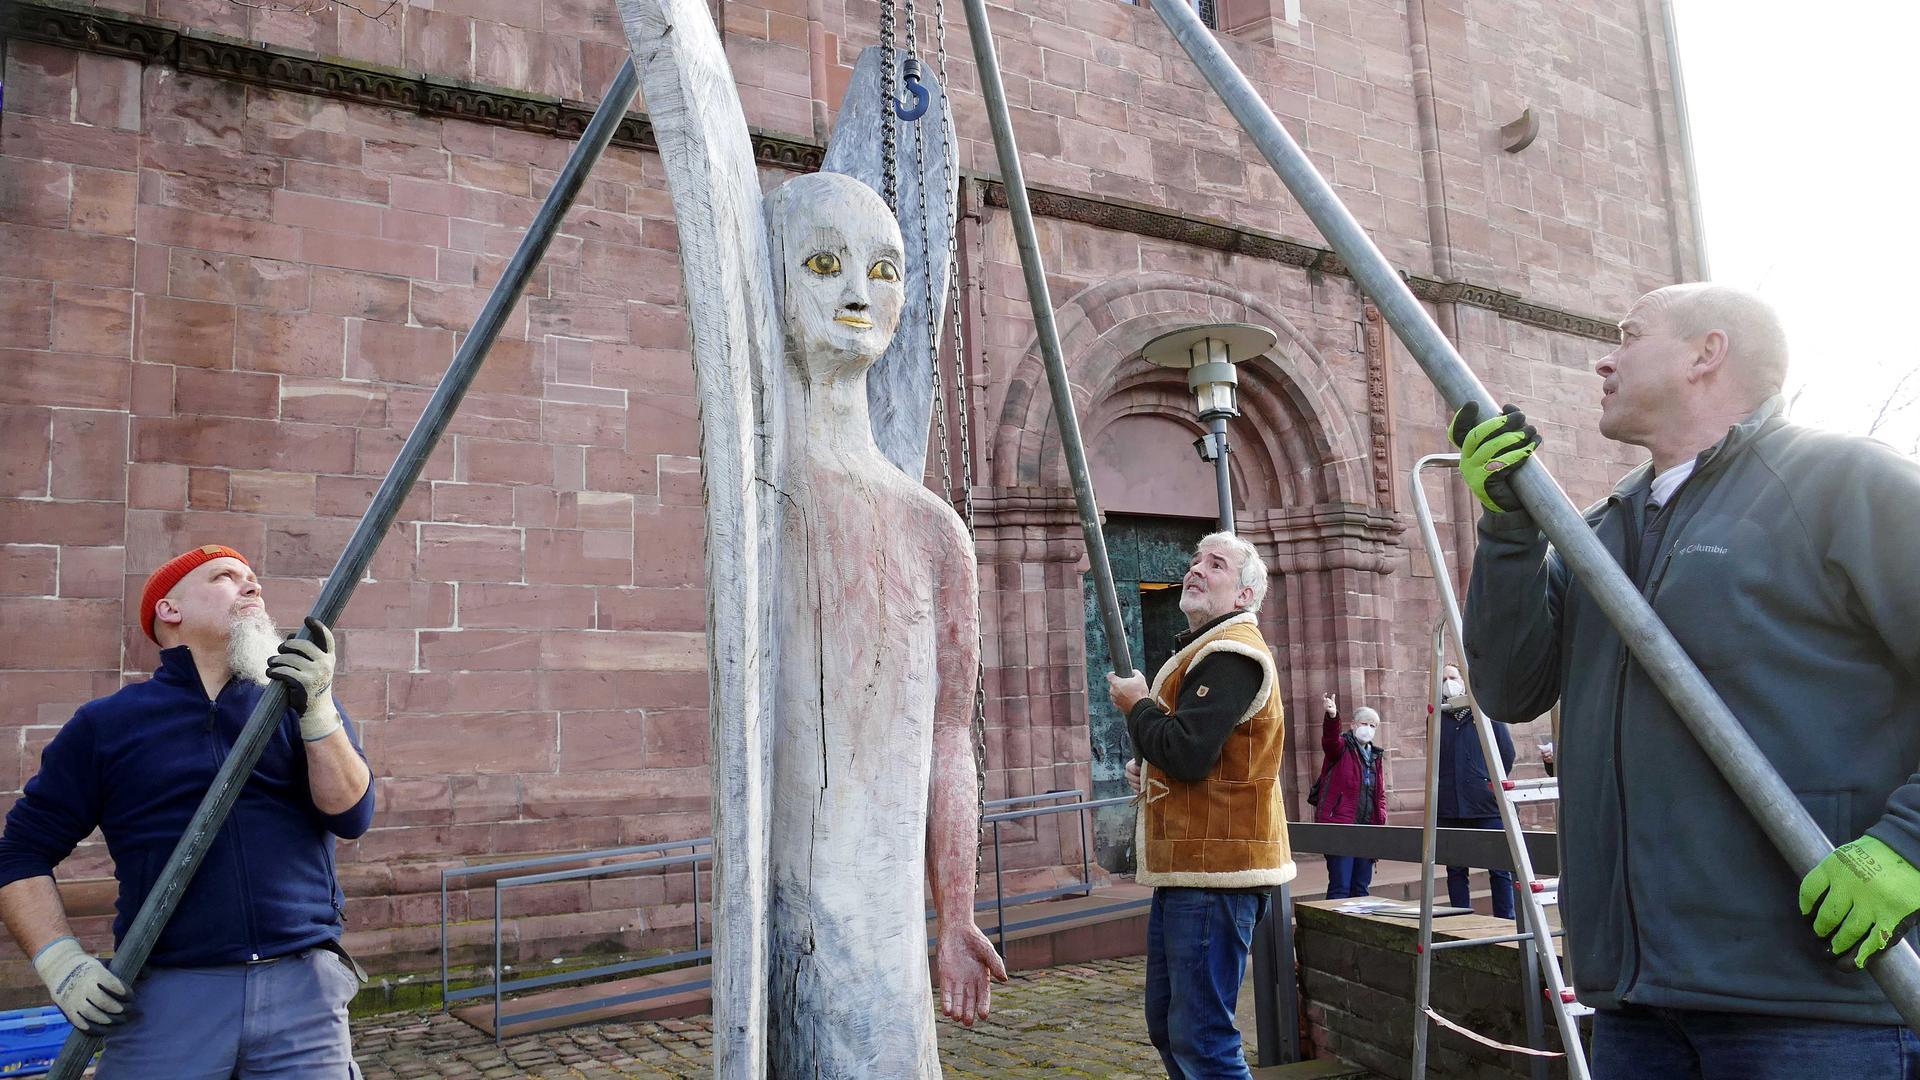 Skulptur, Arbeiter